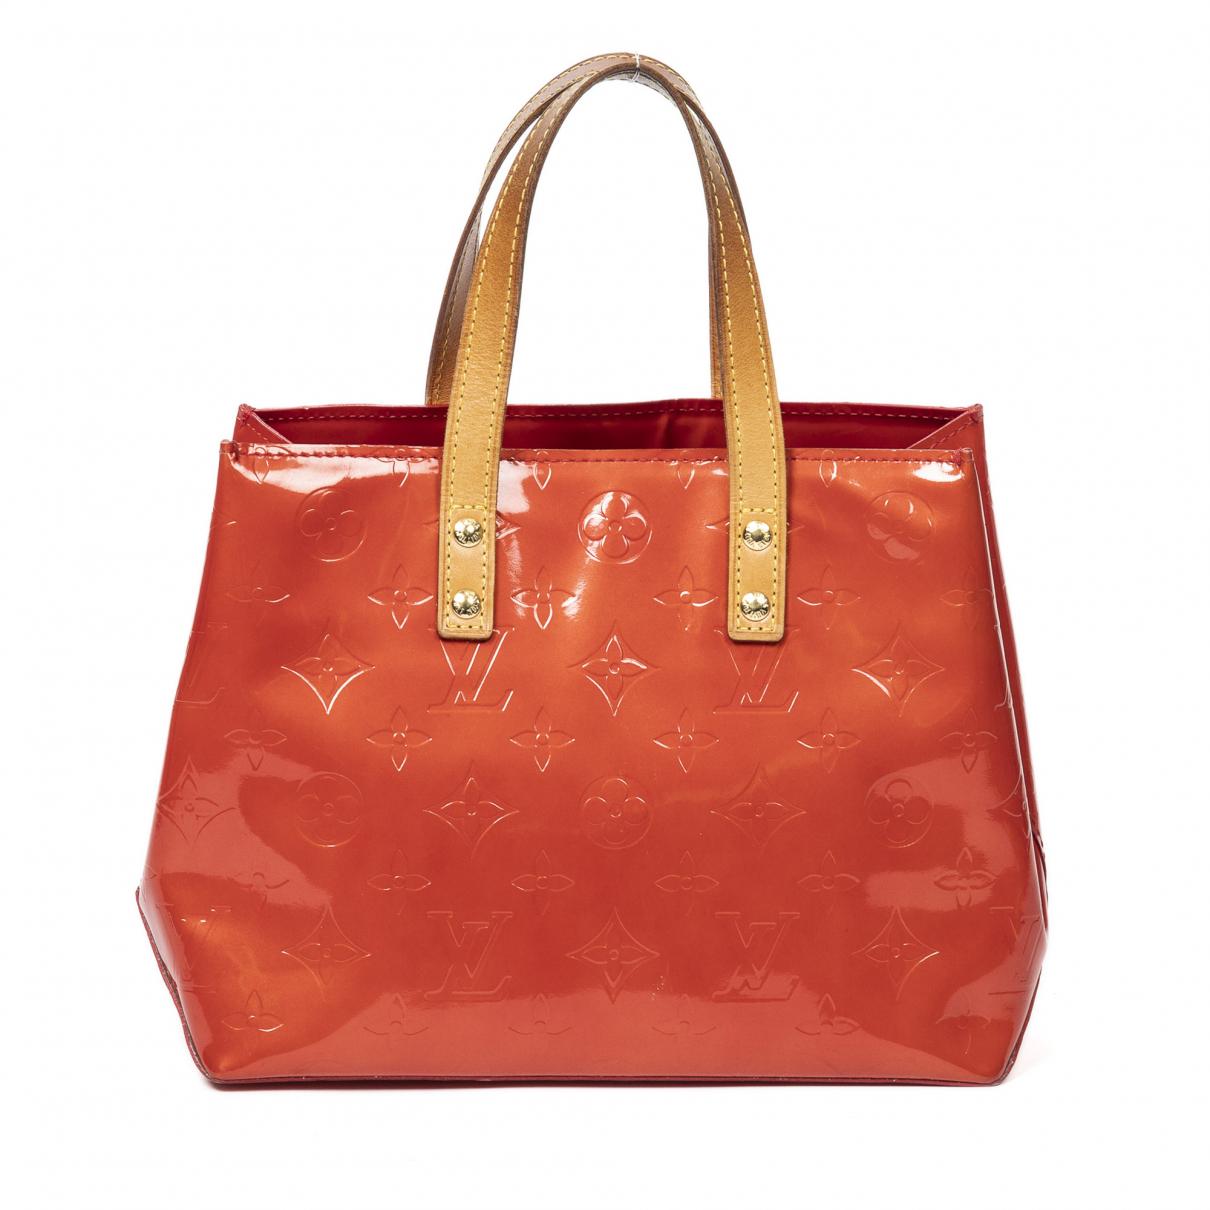 Louis Vuitton - Sac a main Reade pour femme en cuir verni - rouge